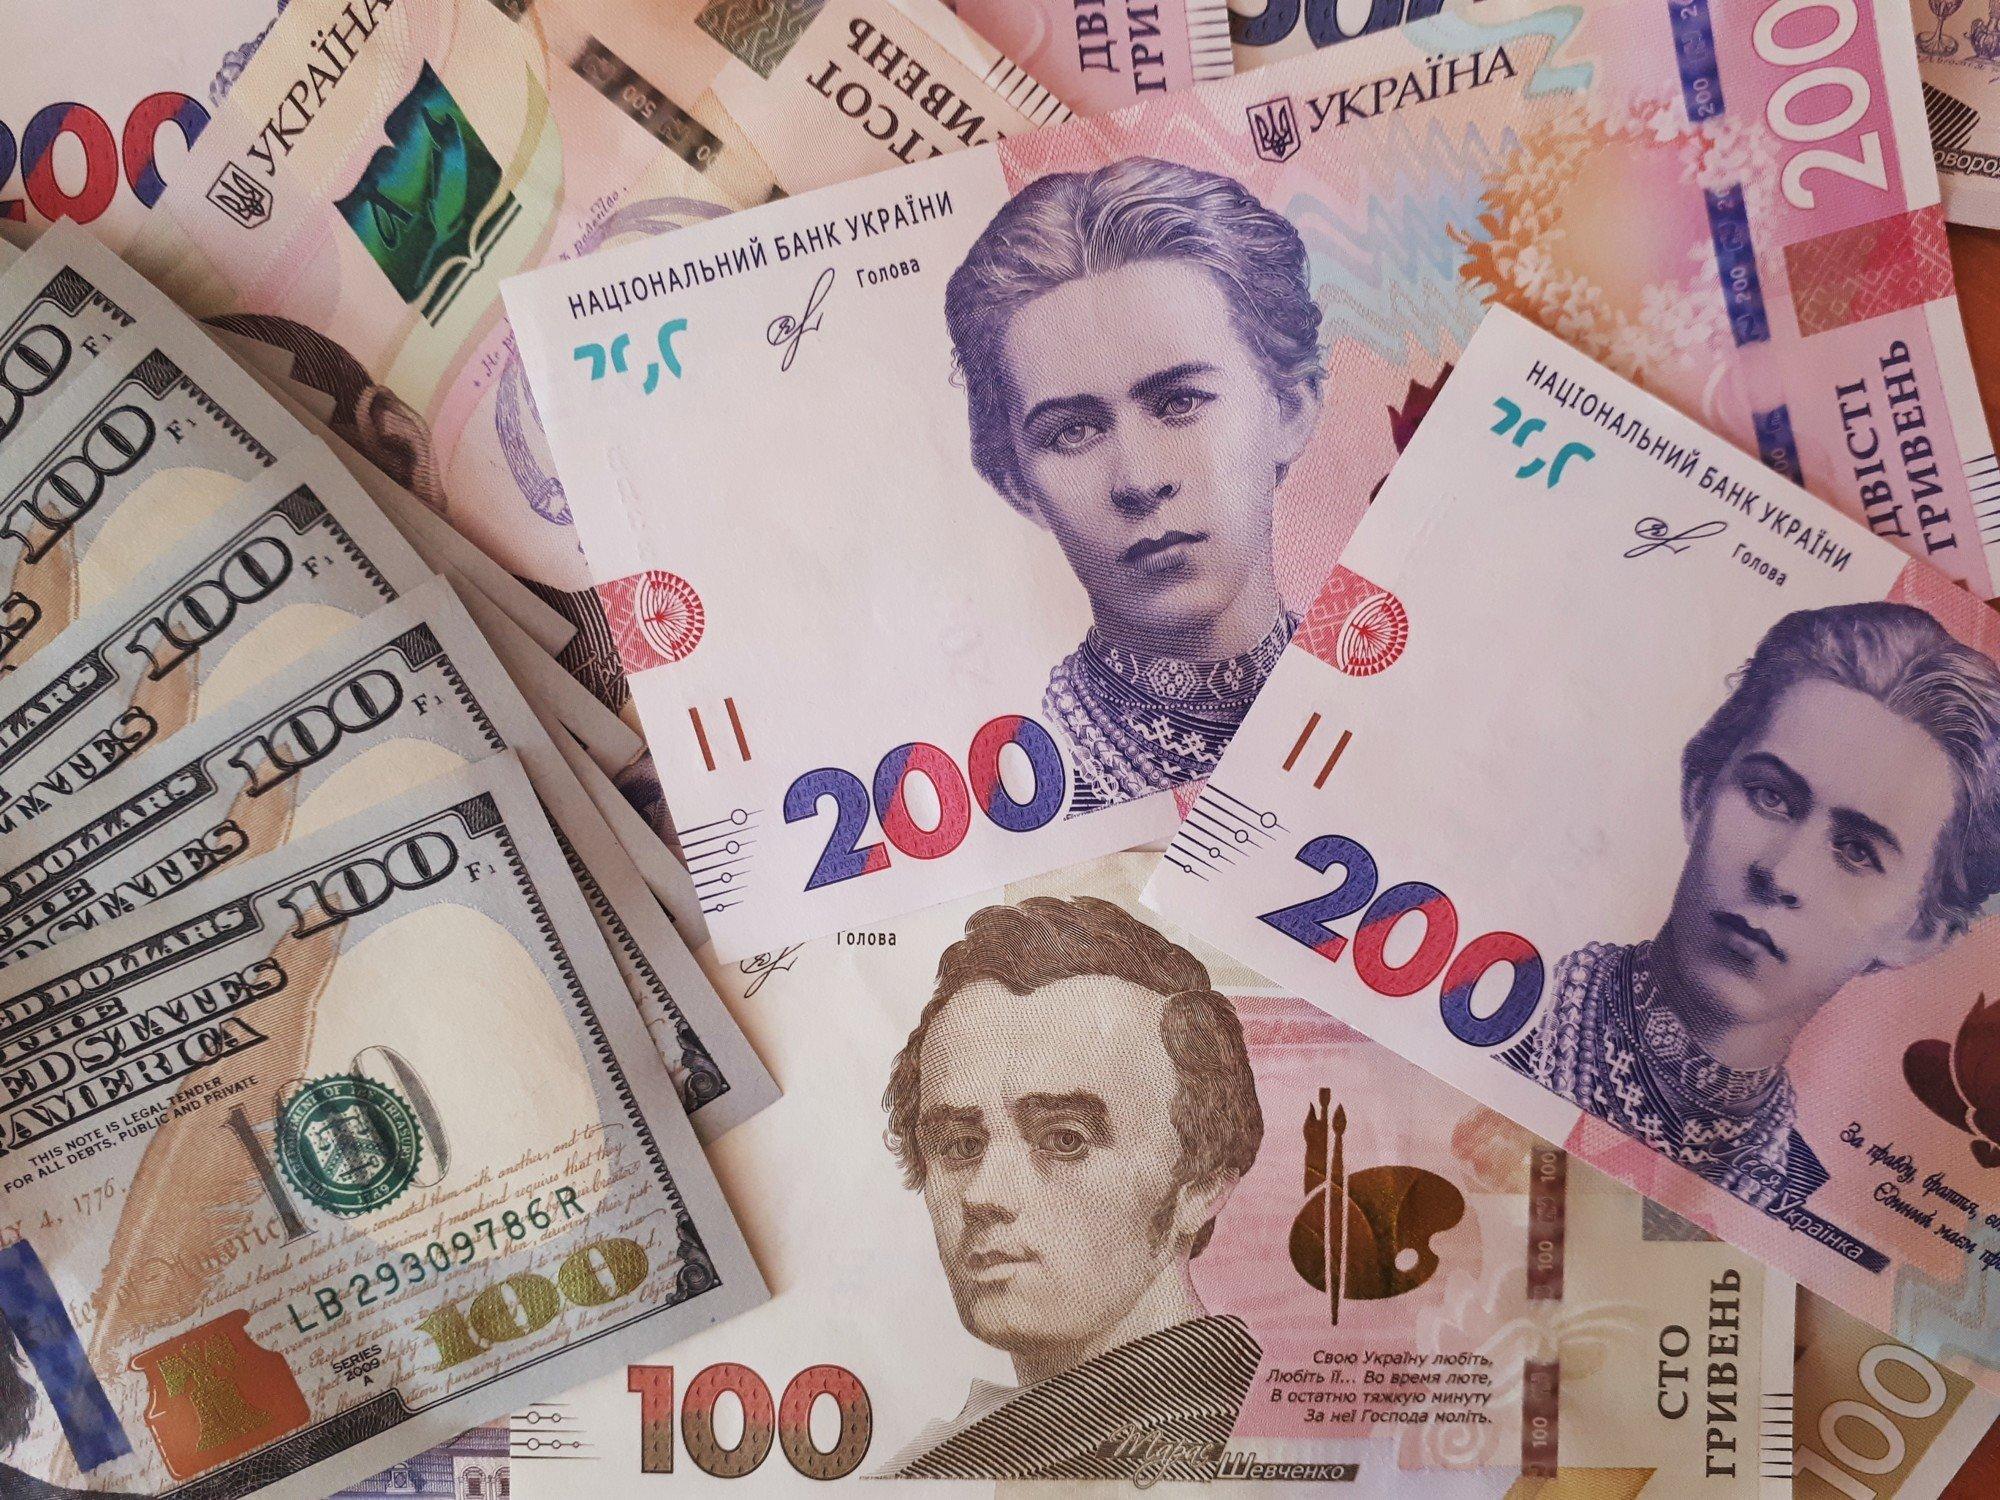 Самые дорогие псевдоактивисты в Украине